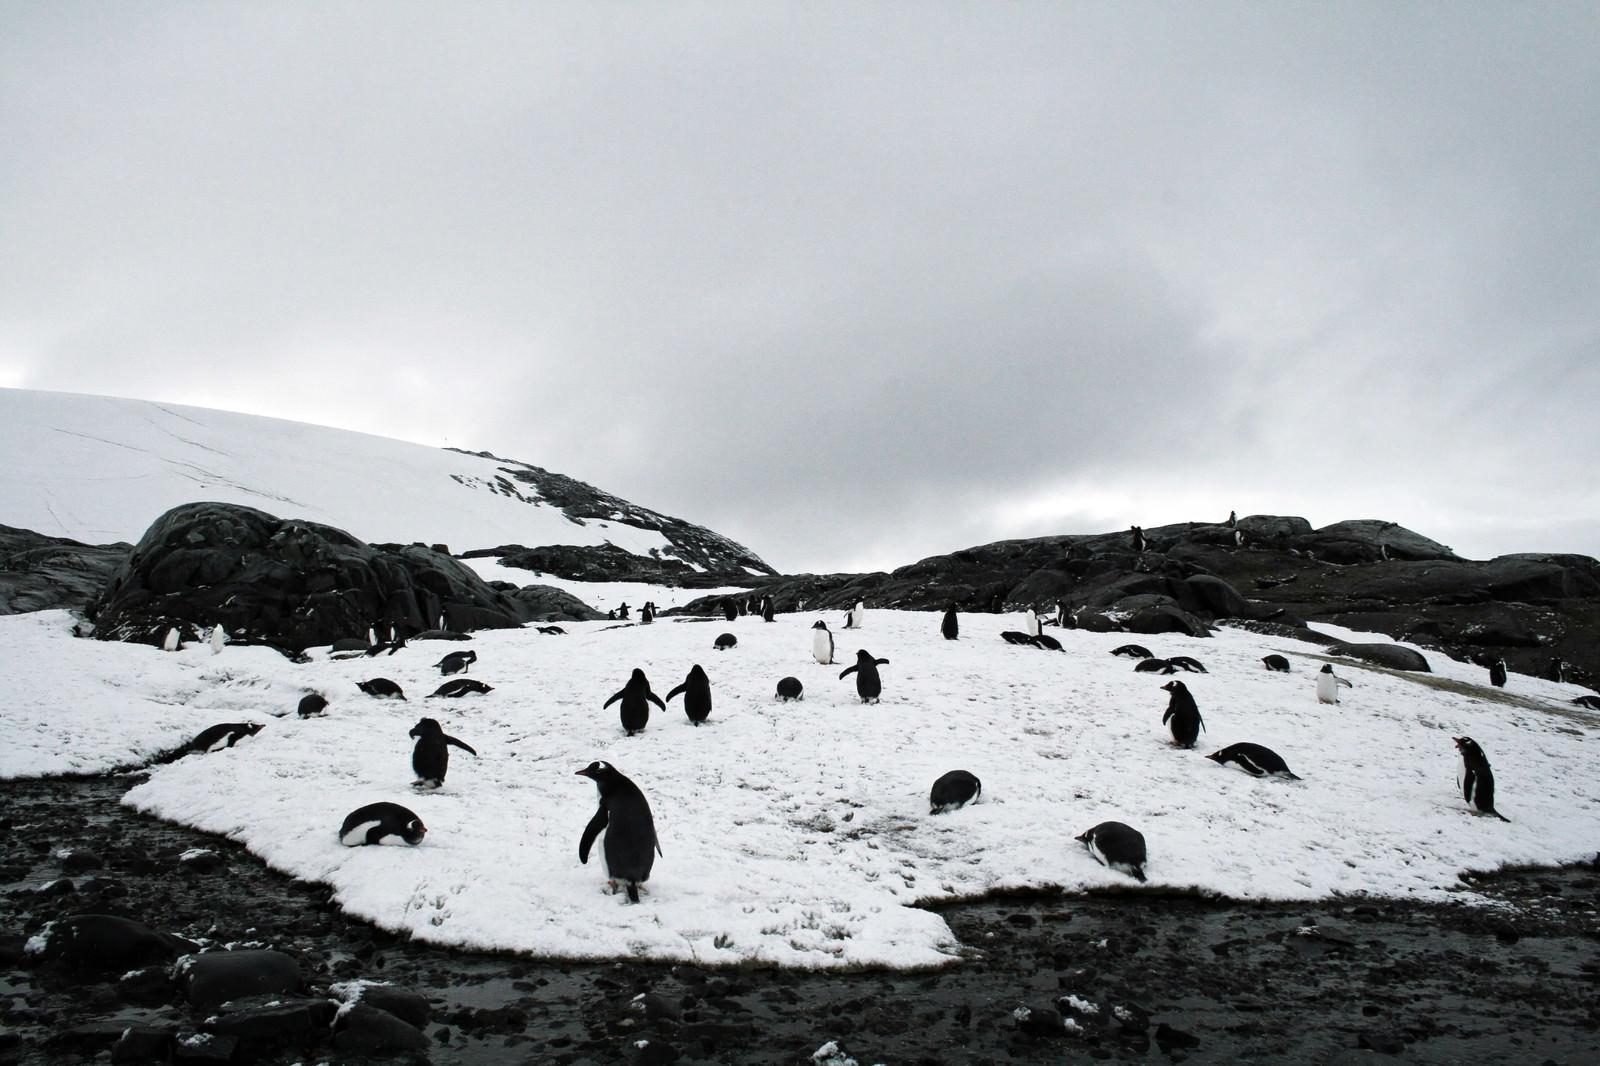 「凍った坂道をよちよち歩くペンギンの群れ | 写真の無料素材・フリー素材 - ぱくたそ」の写真